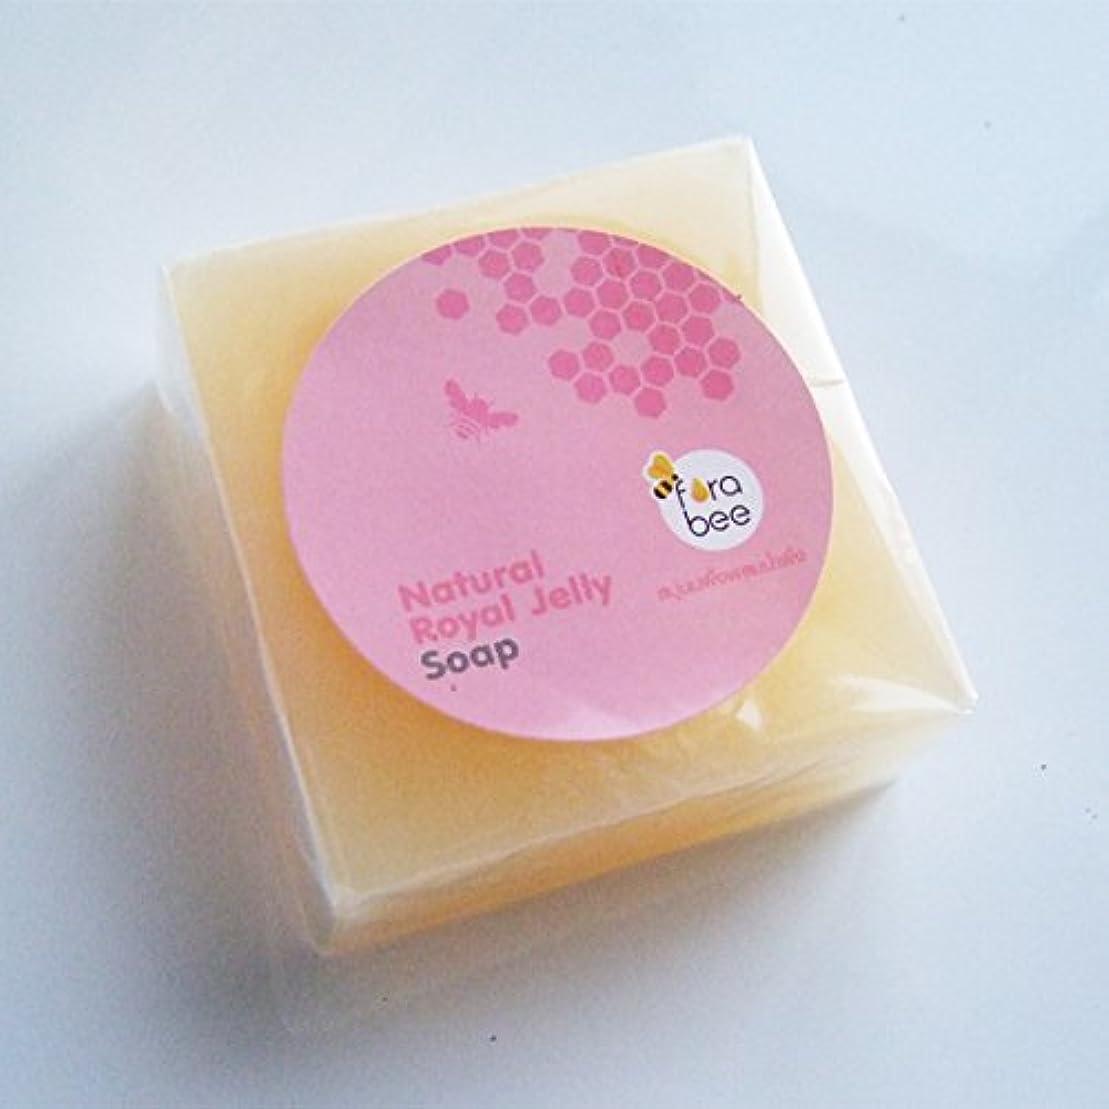 ディスパッチ履歴書黙天然ローヤルゼリー石鹸 2個(蜂蜜配合、木箱入り)